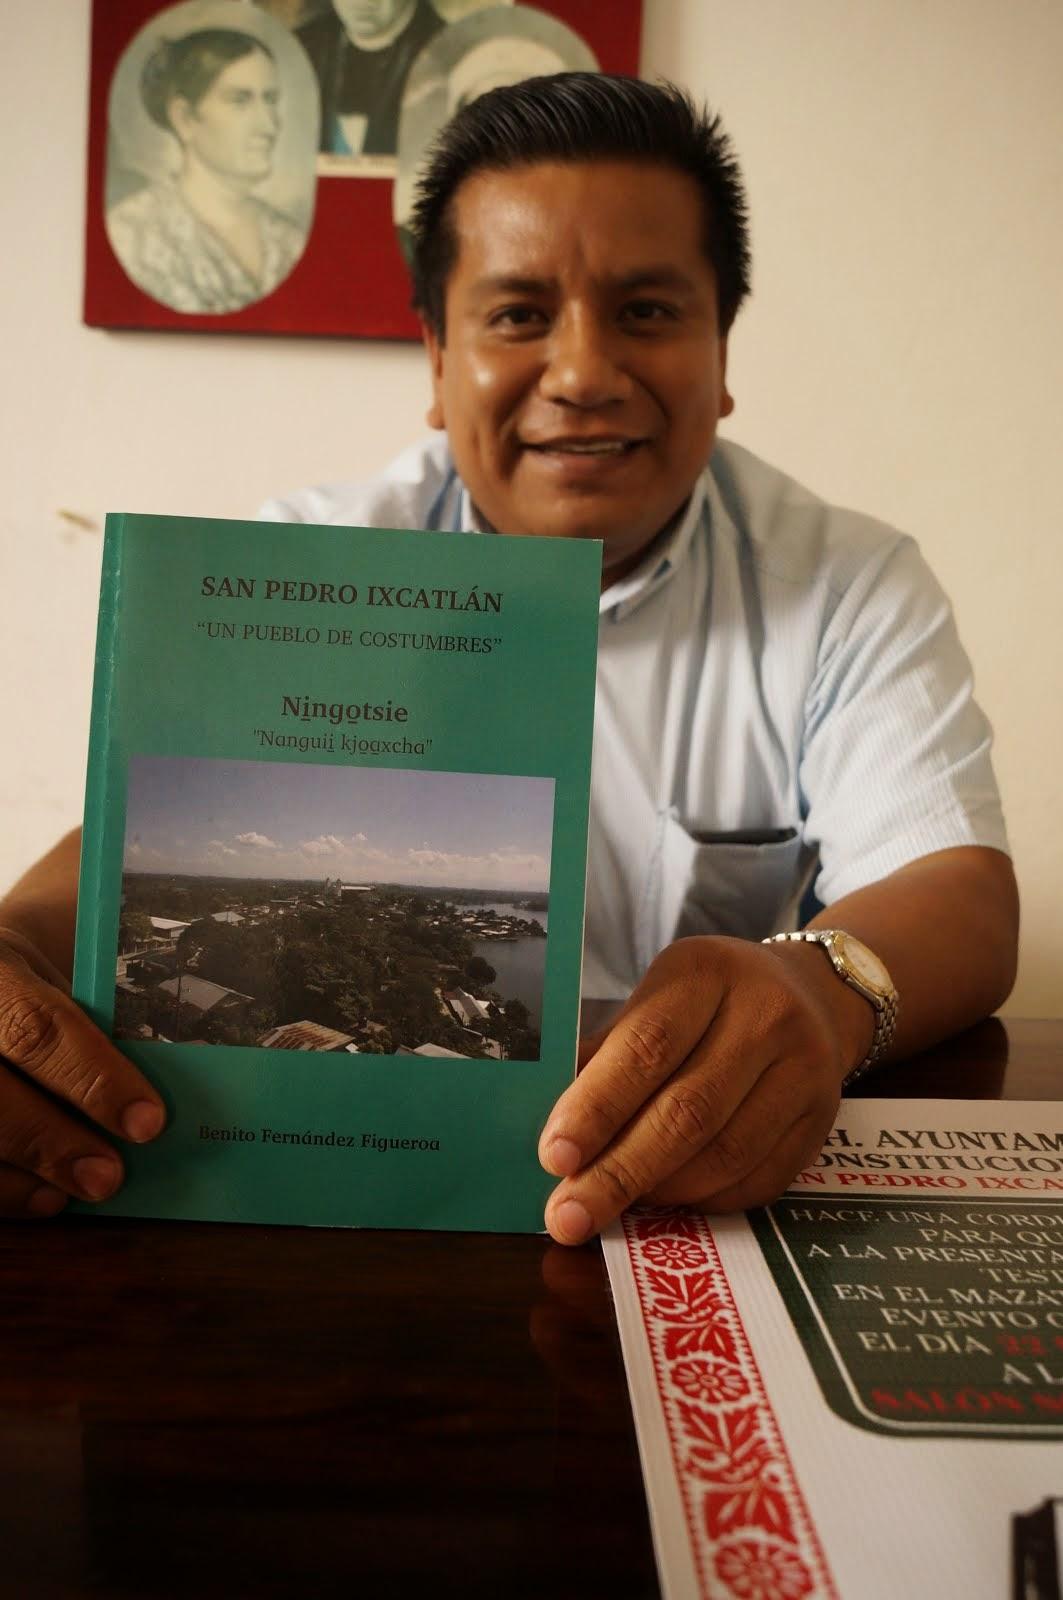 Fiestas y Tradiciones de Ixcatlán